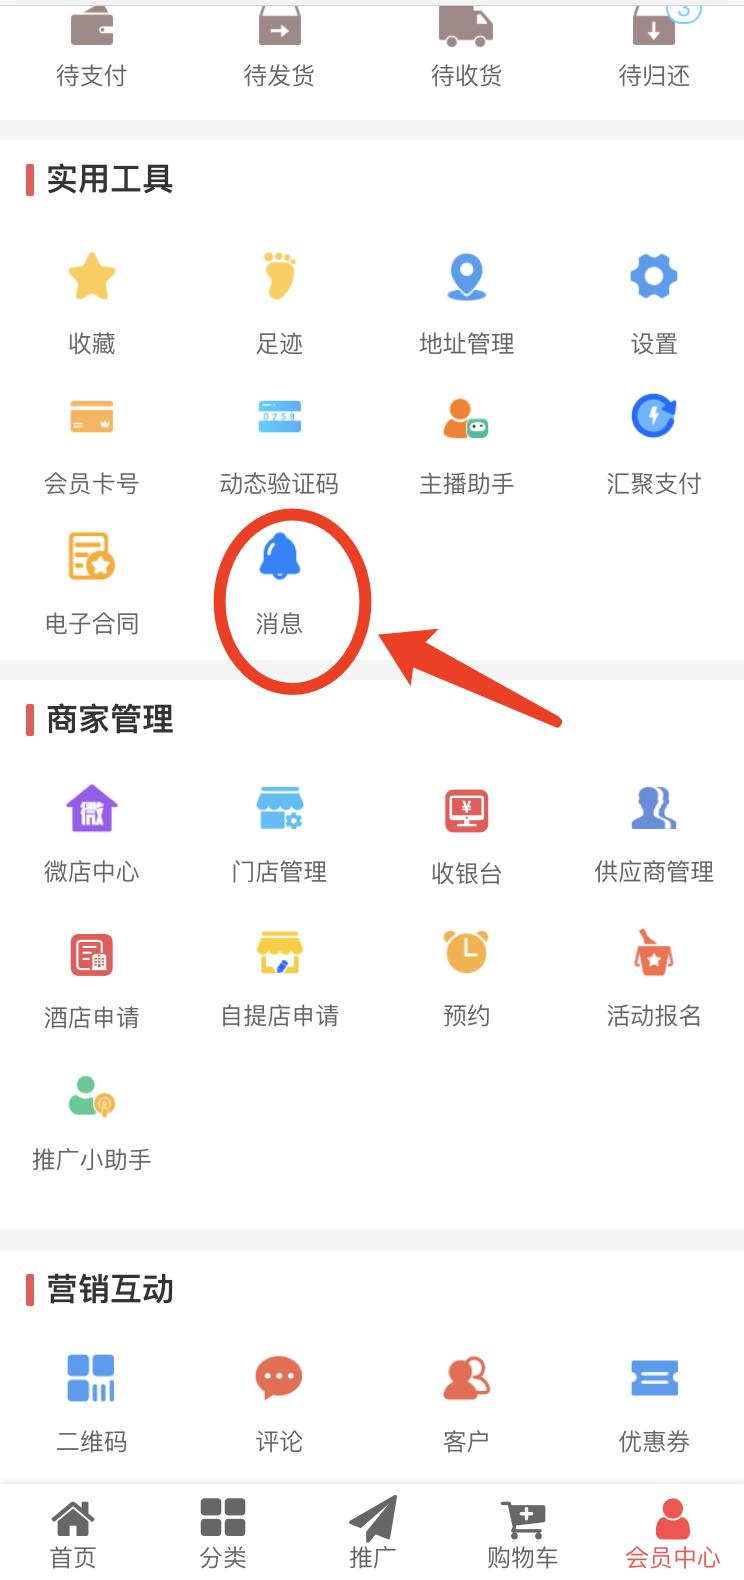 芸众商城站内消息插件:用户接收各类通知 避免错过重要信息插图1